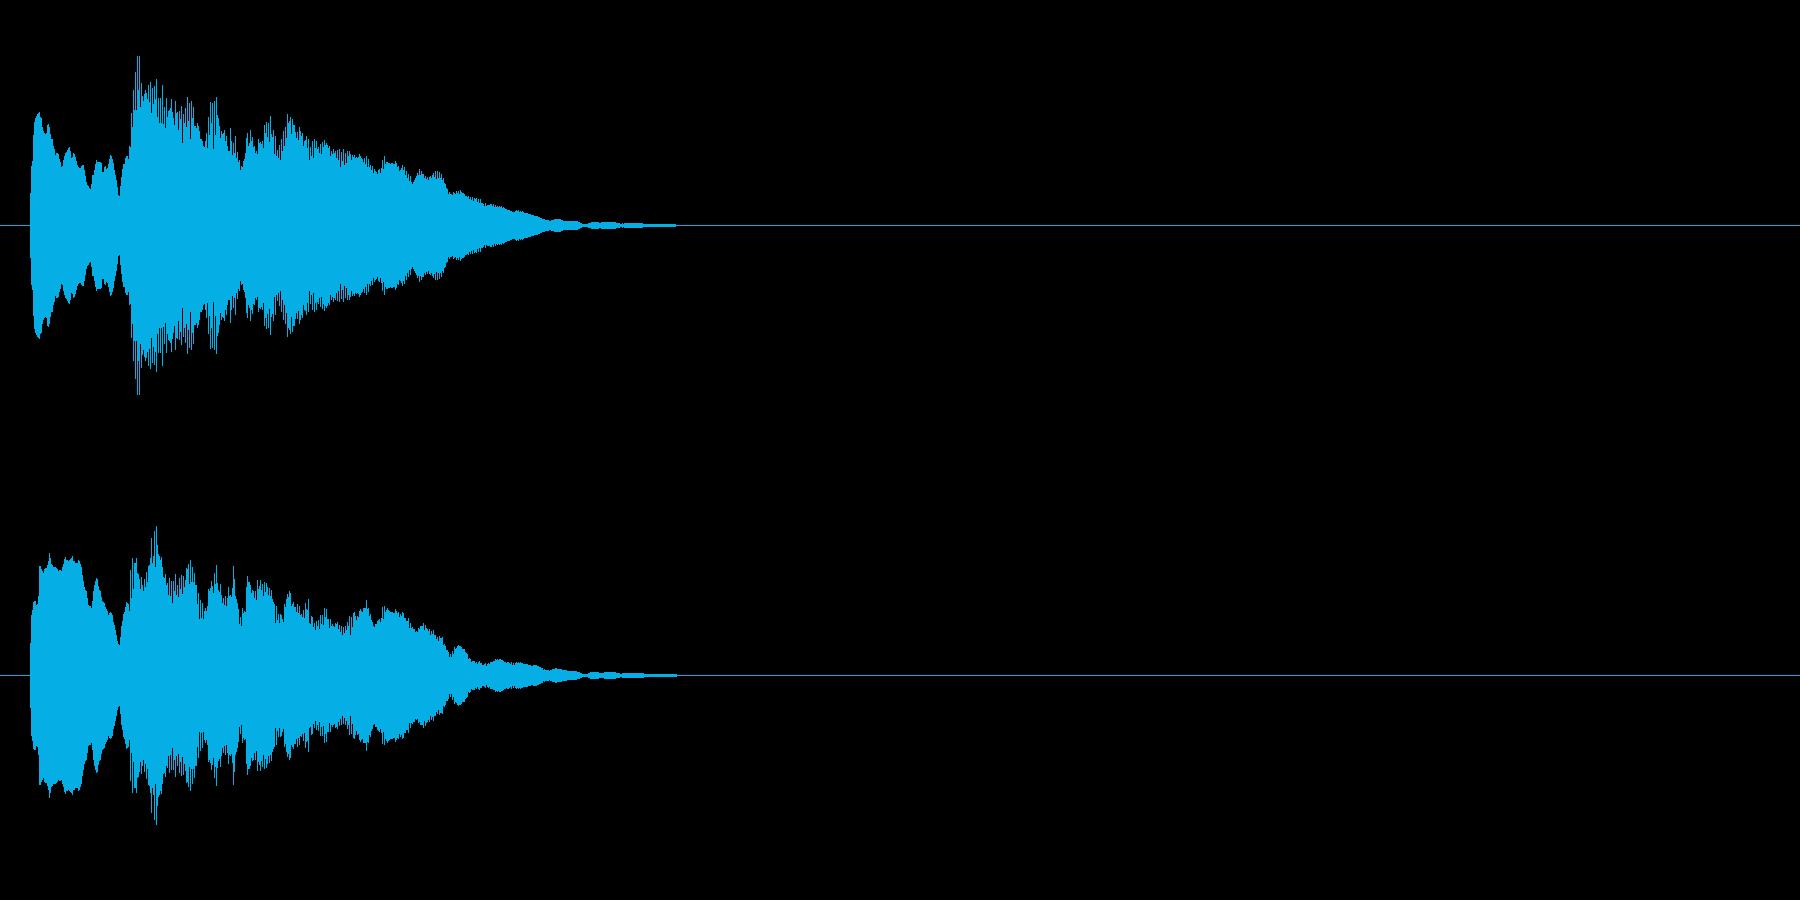 クイズ系04 正解 ピンポンの再生済みの波形